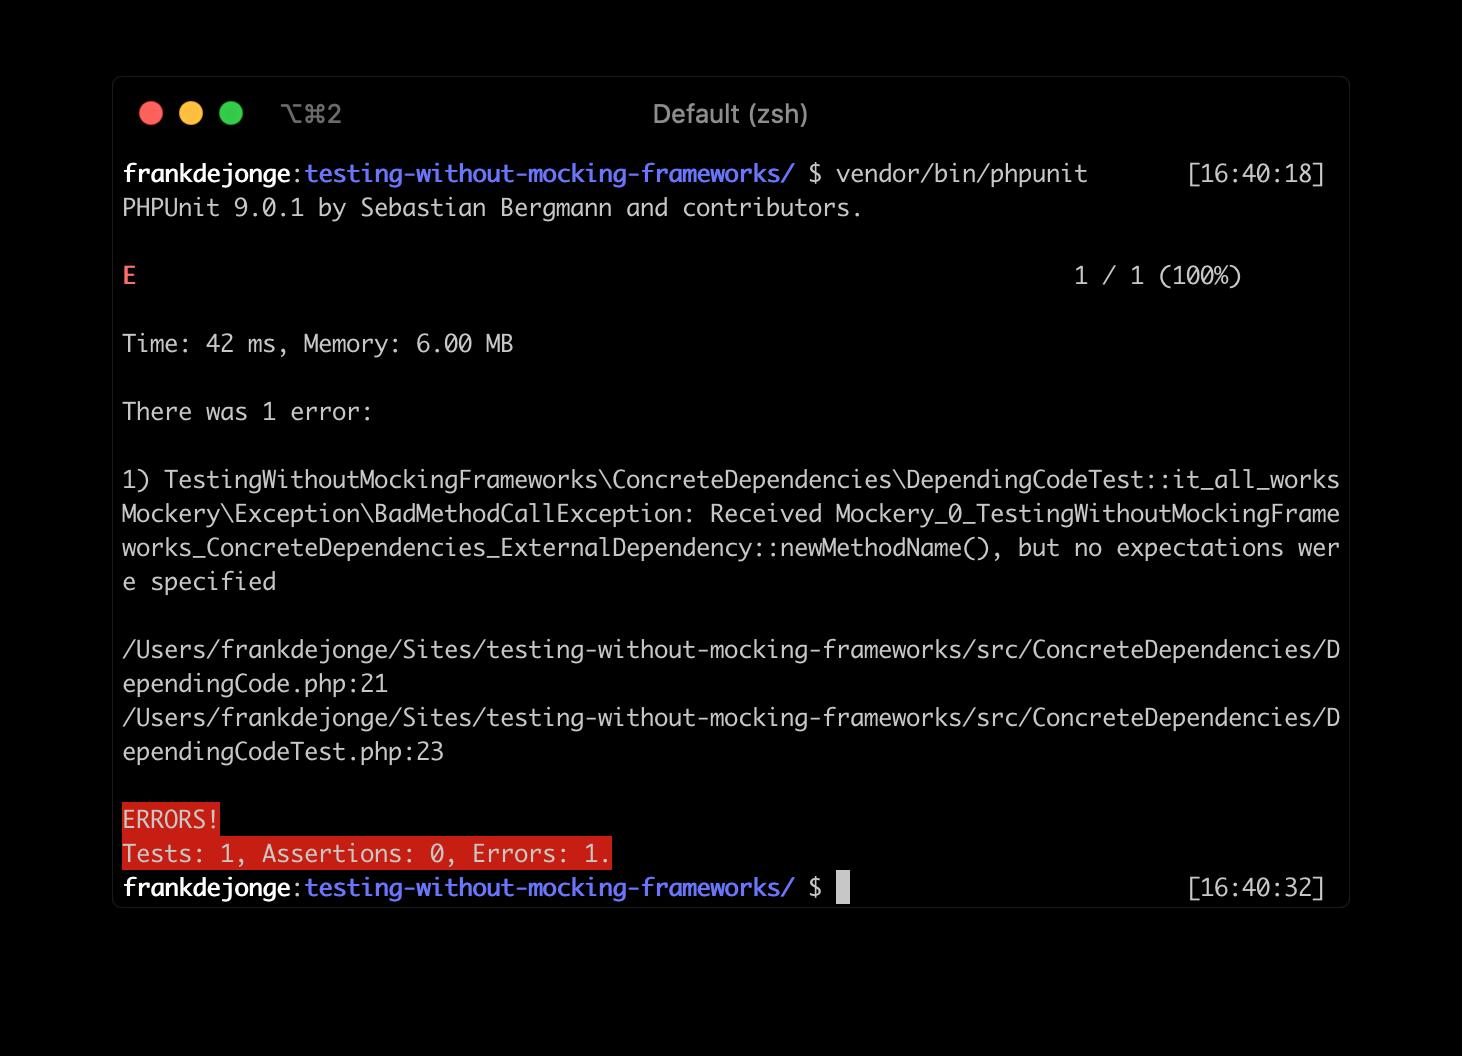 Screenshot-2020-03-21-at-16.40.36.png